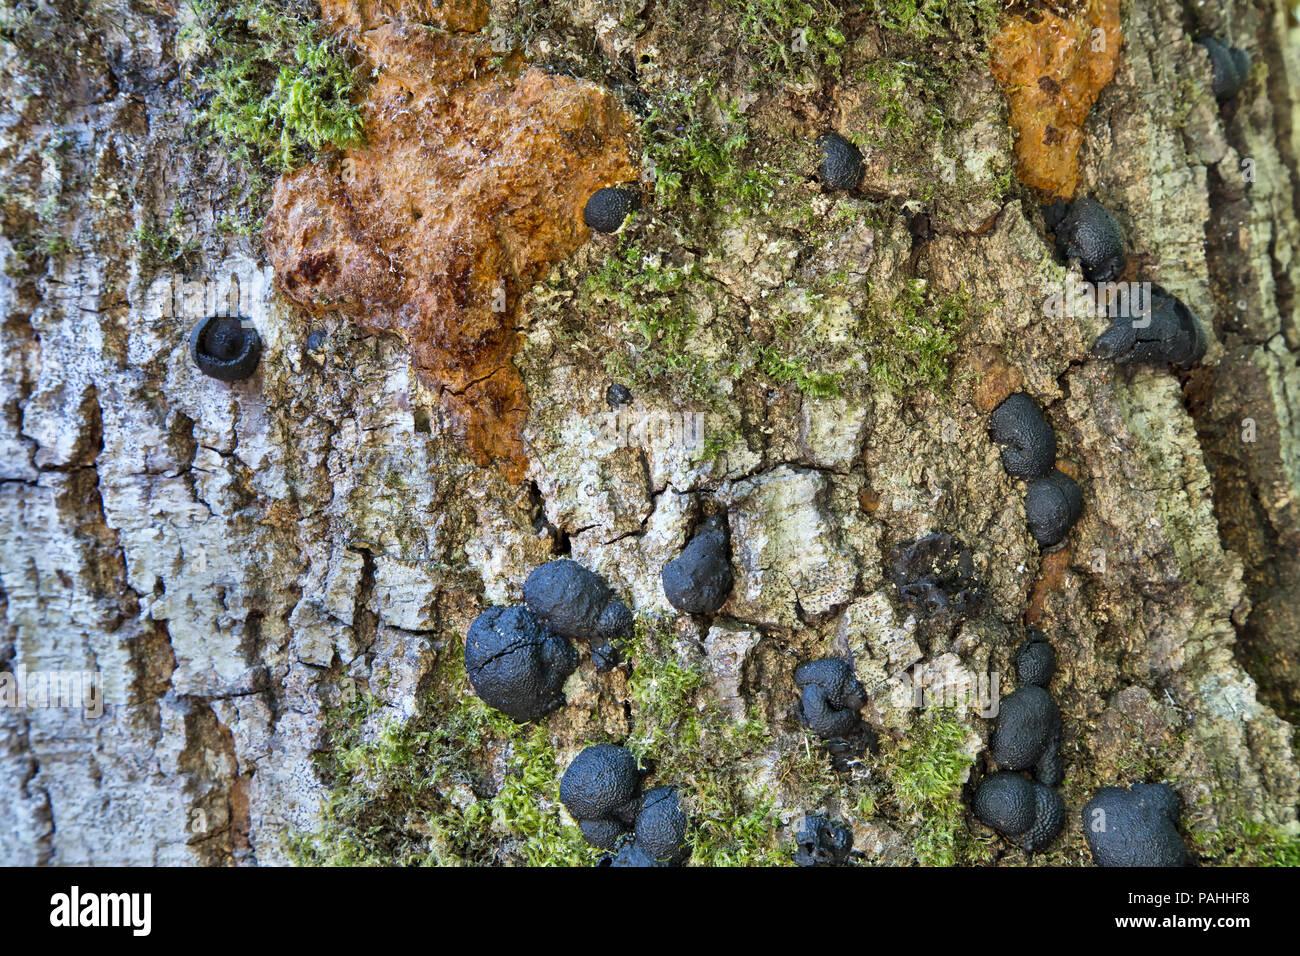 Plötzlicher Eiche Tod (SOD) Krankheit' Phytophthora ramorum'. Stockbild